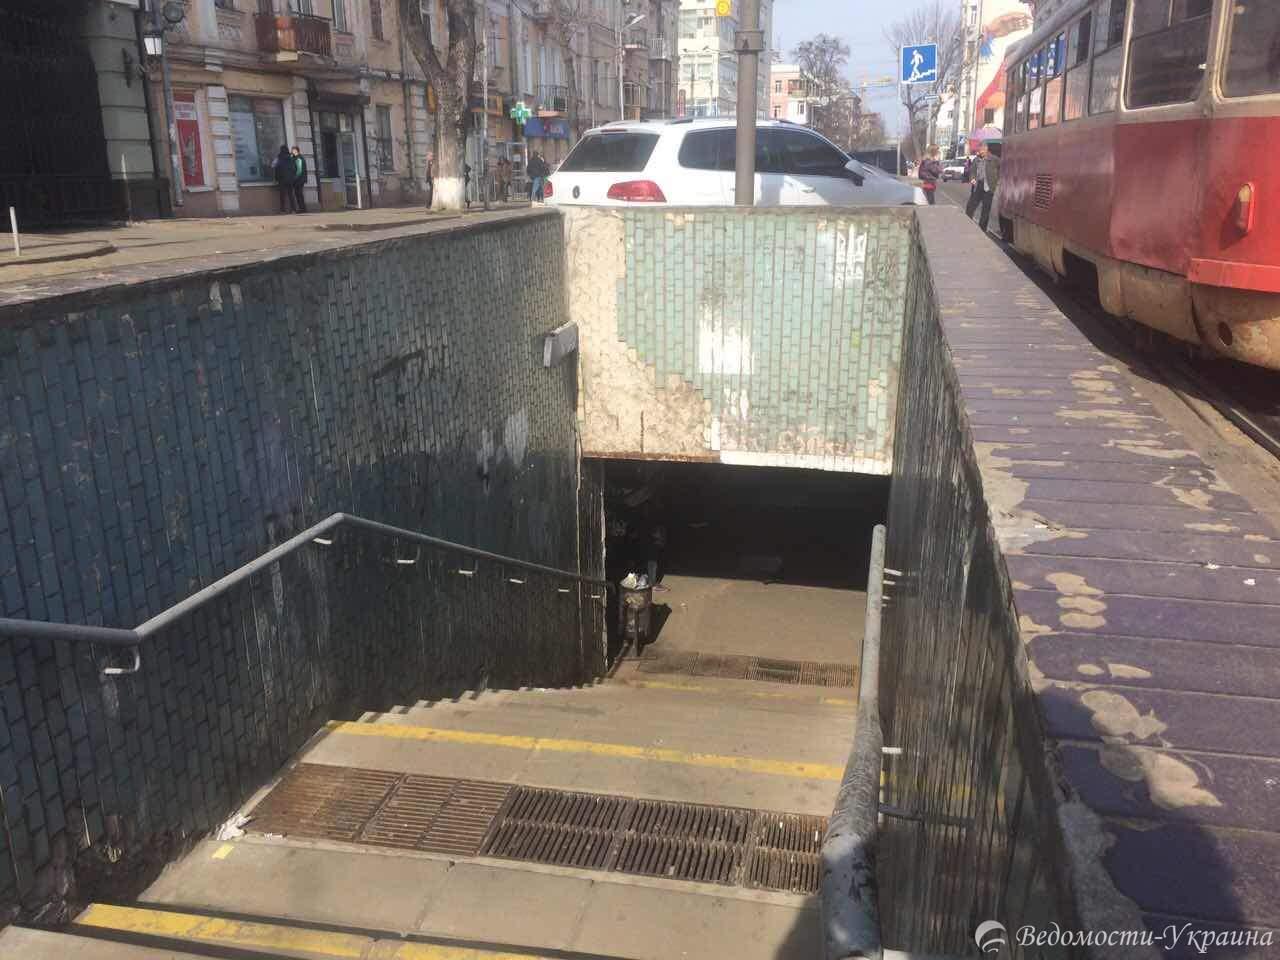 Птичий помёт и отбитая плитка: как выглядит вход в одну из столичных станций метро (фото)